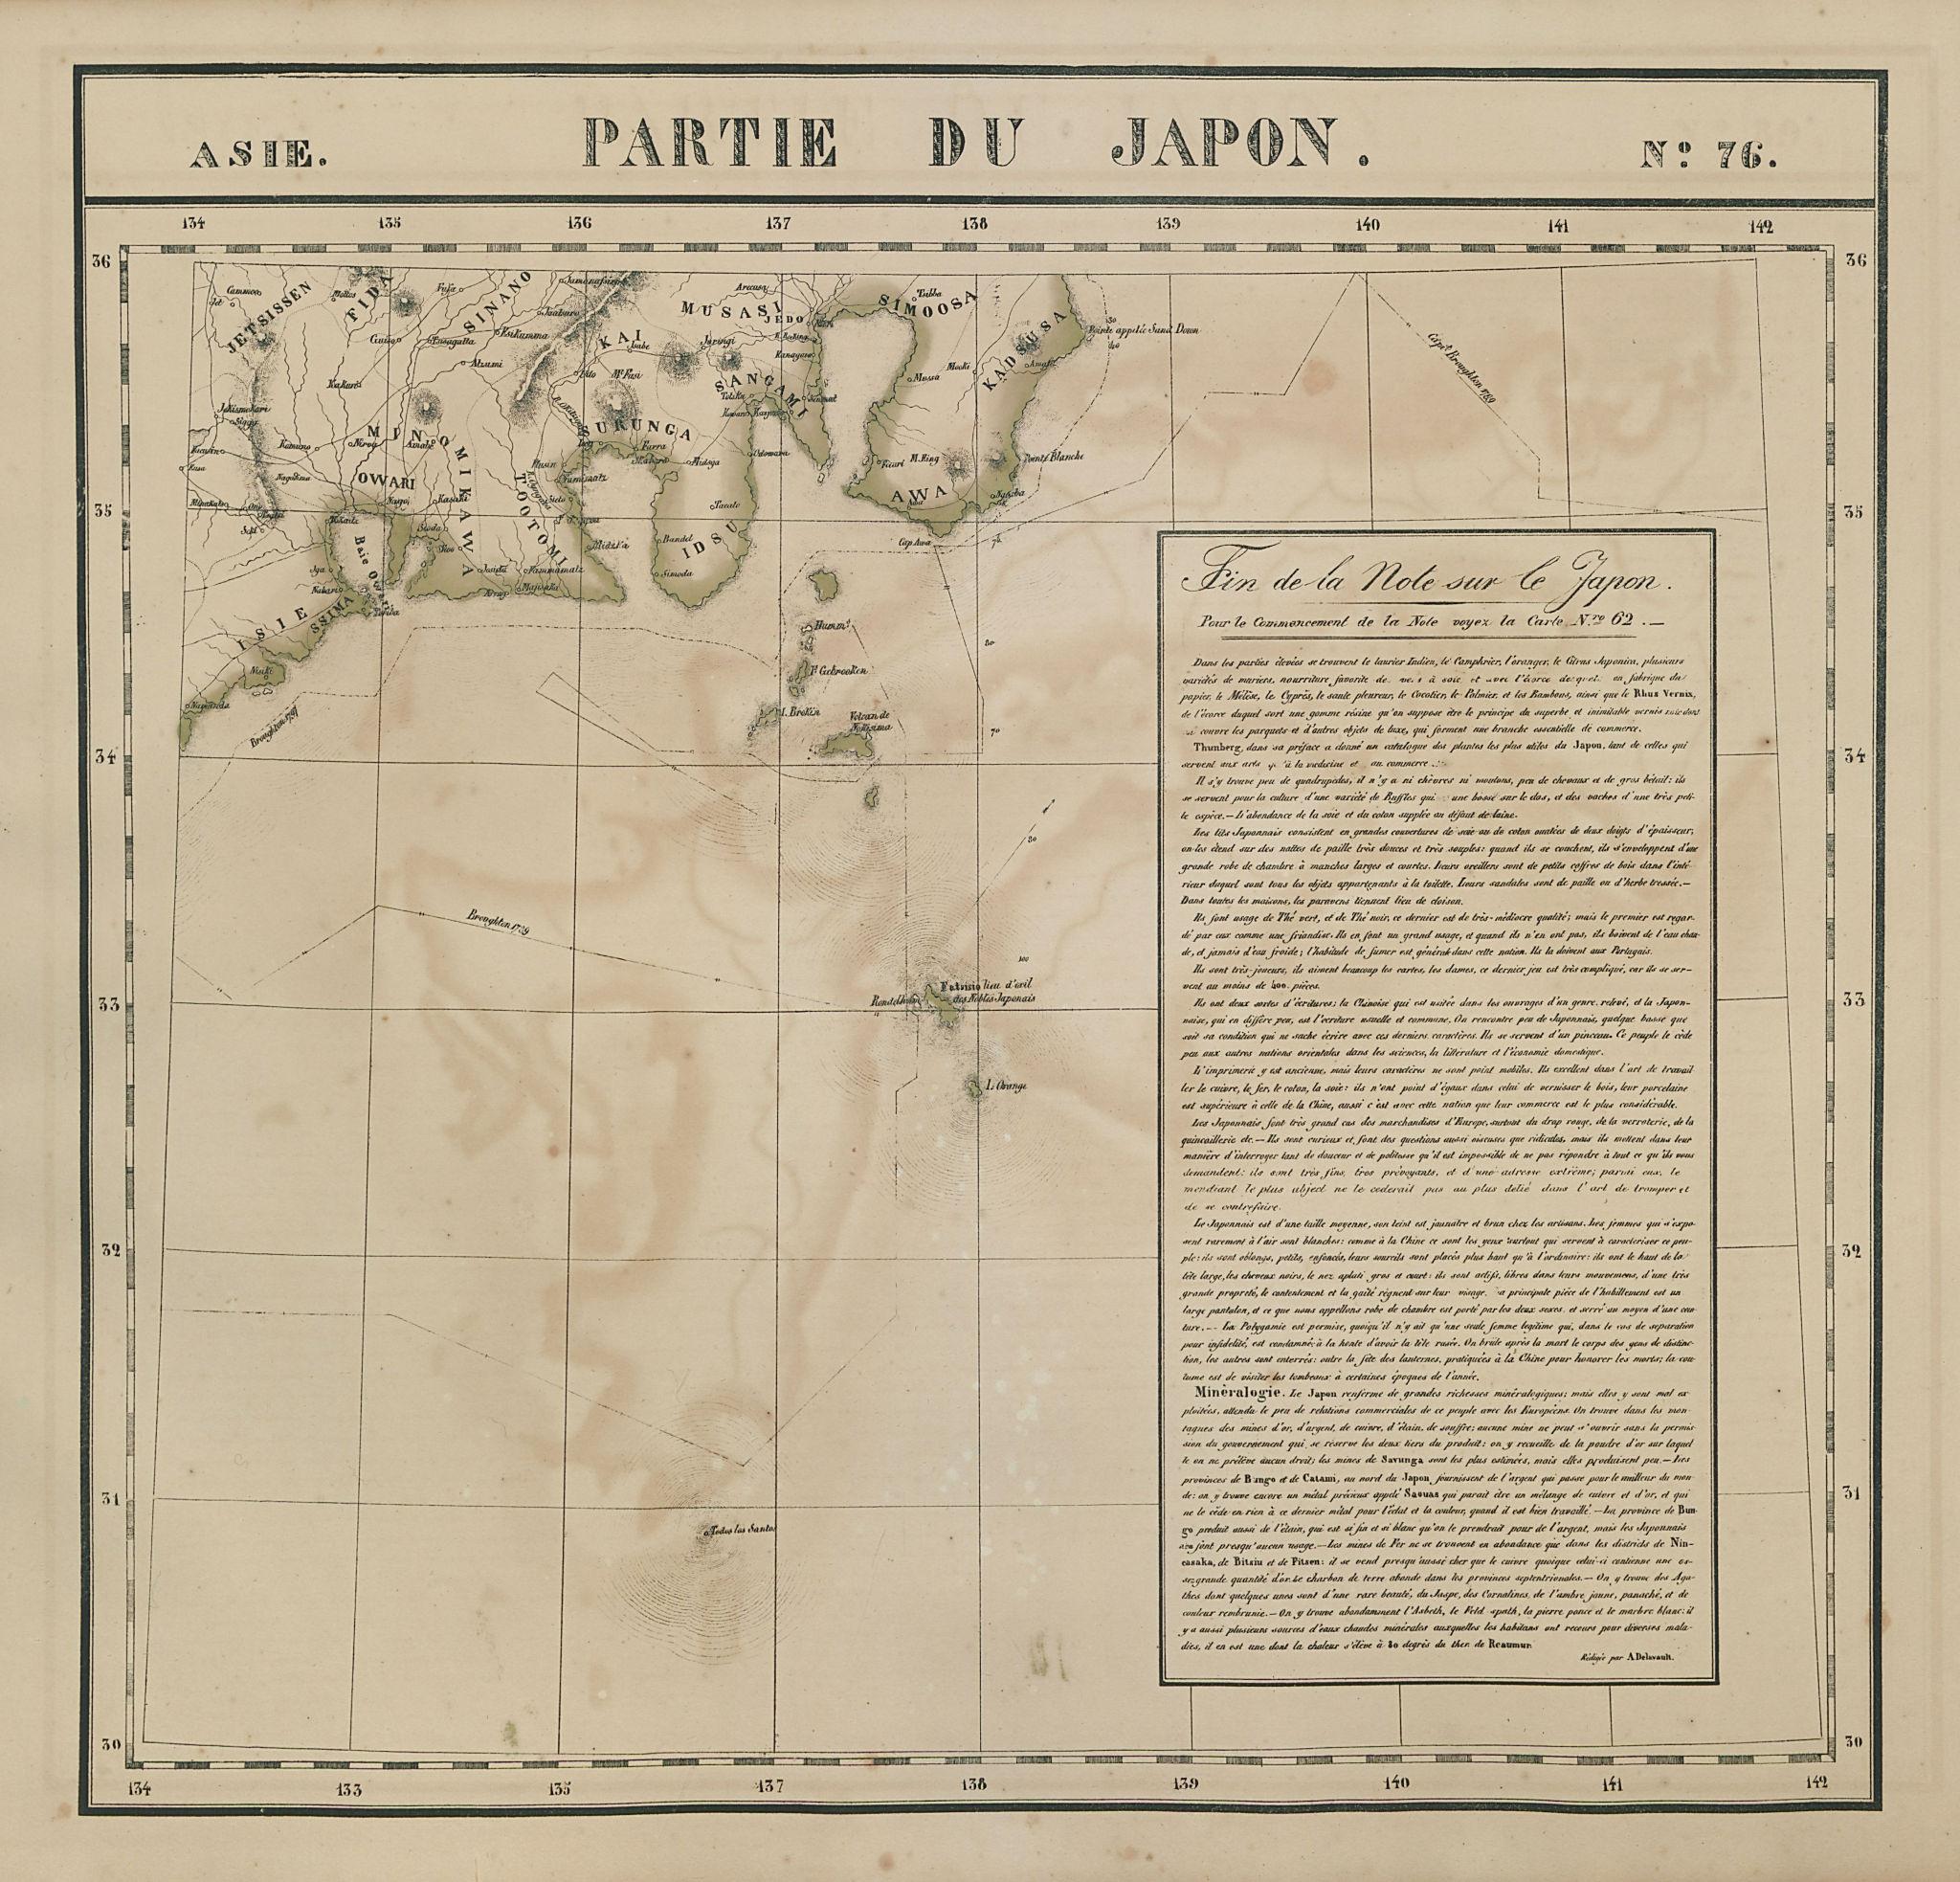 Asie. Partie du Japon #76 Honshu, Japan. Chubu & Kanto. VANDERMAELEN 1827 map